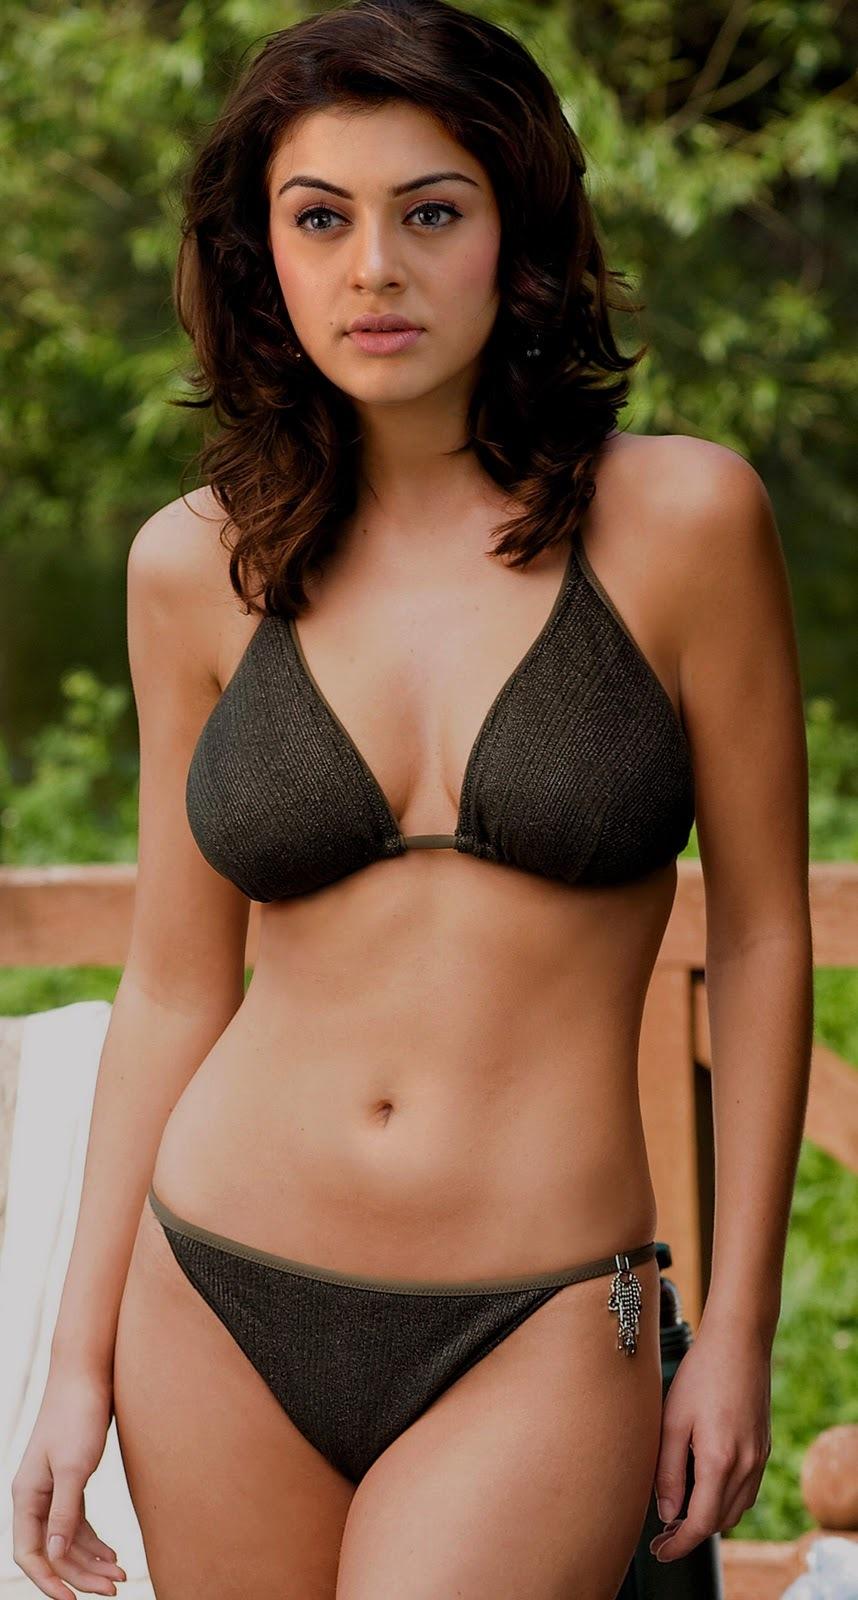 Hansika Motwani Real Life Nude Hot And Sexy photos